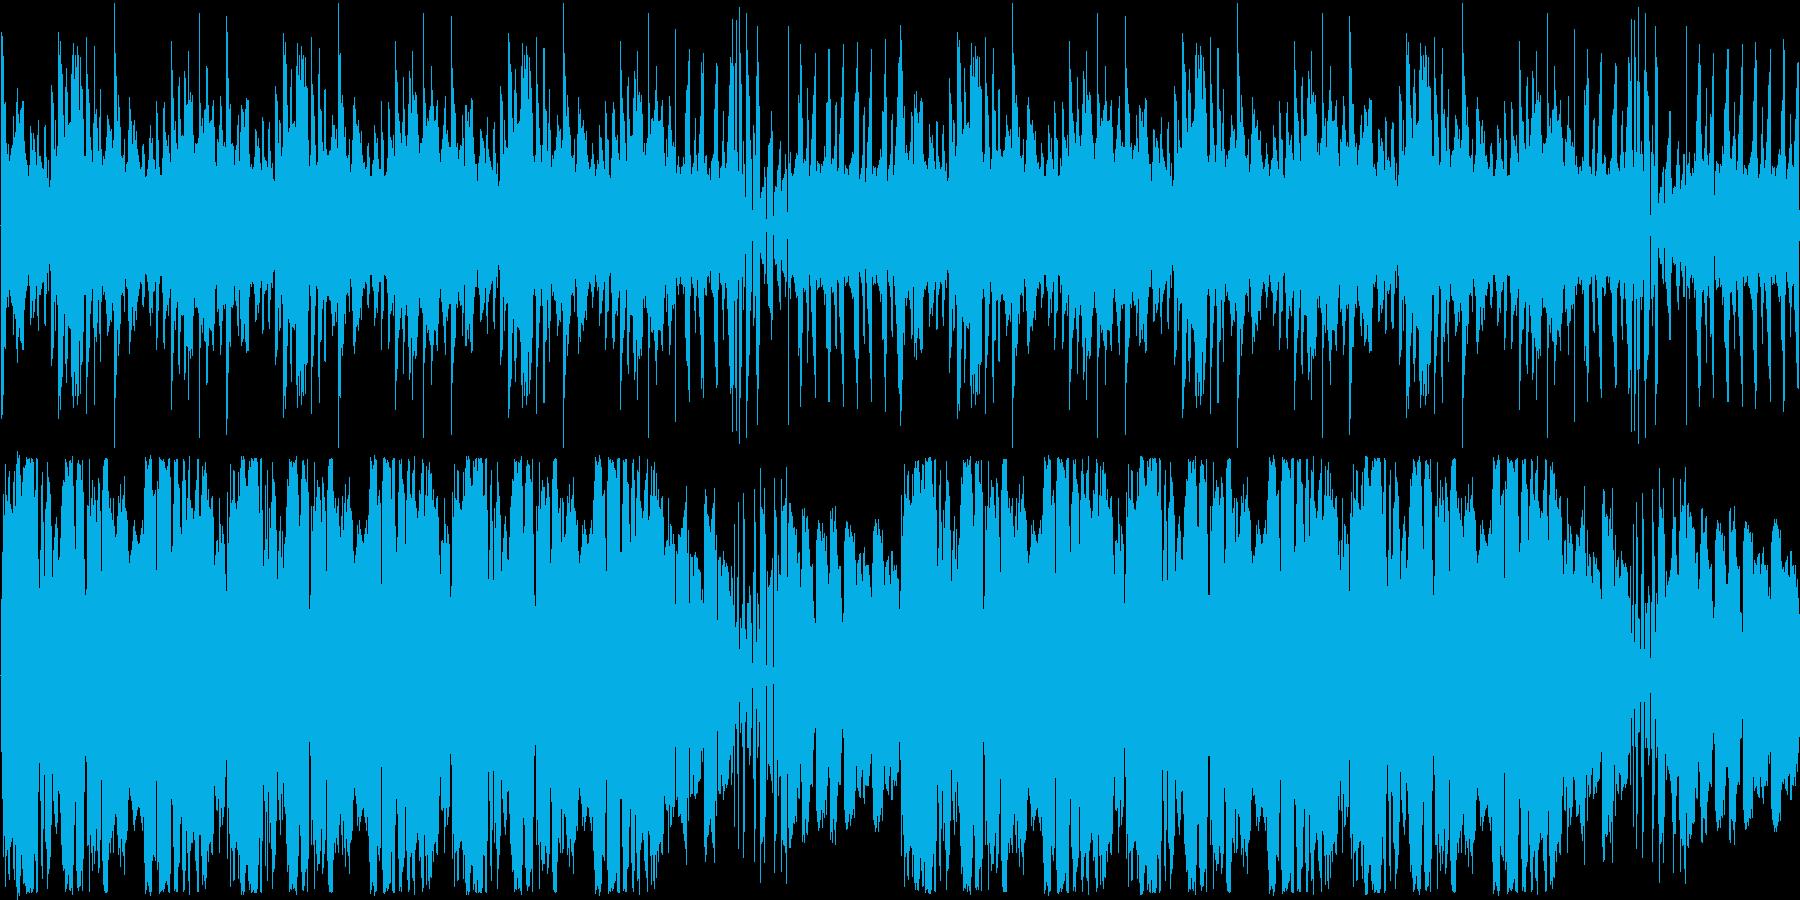 【クラシカル/チェロ/エレクトロニカ】の再生済みの波形